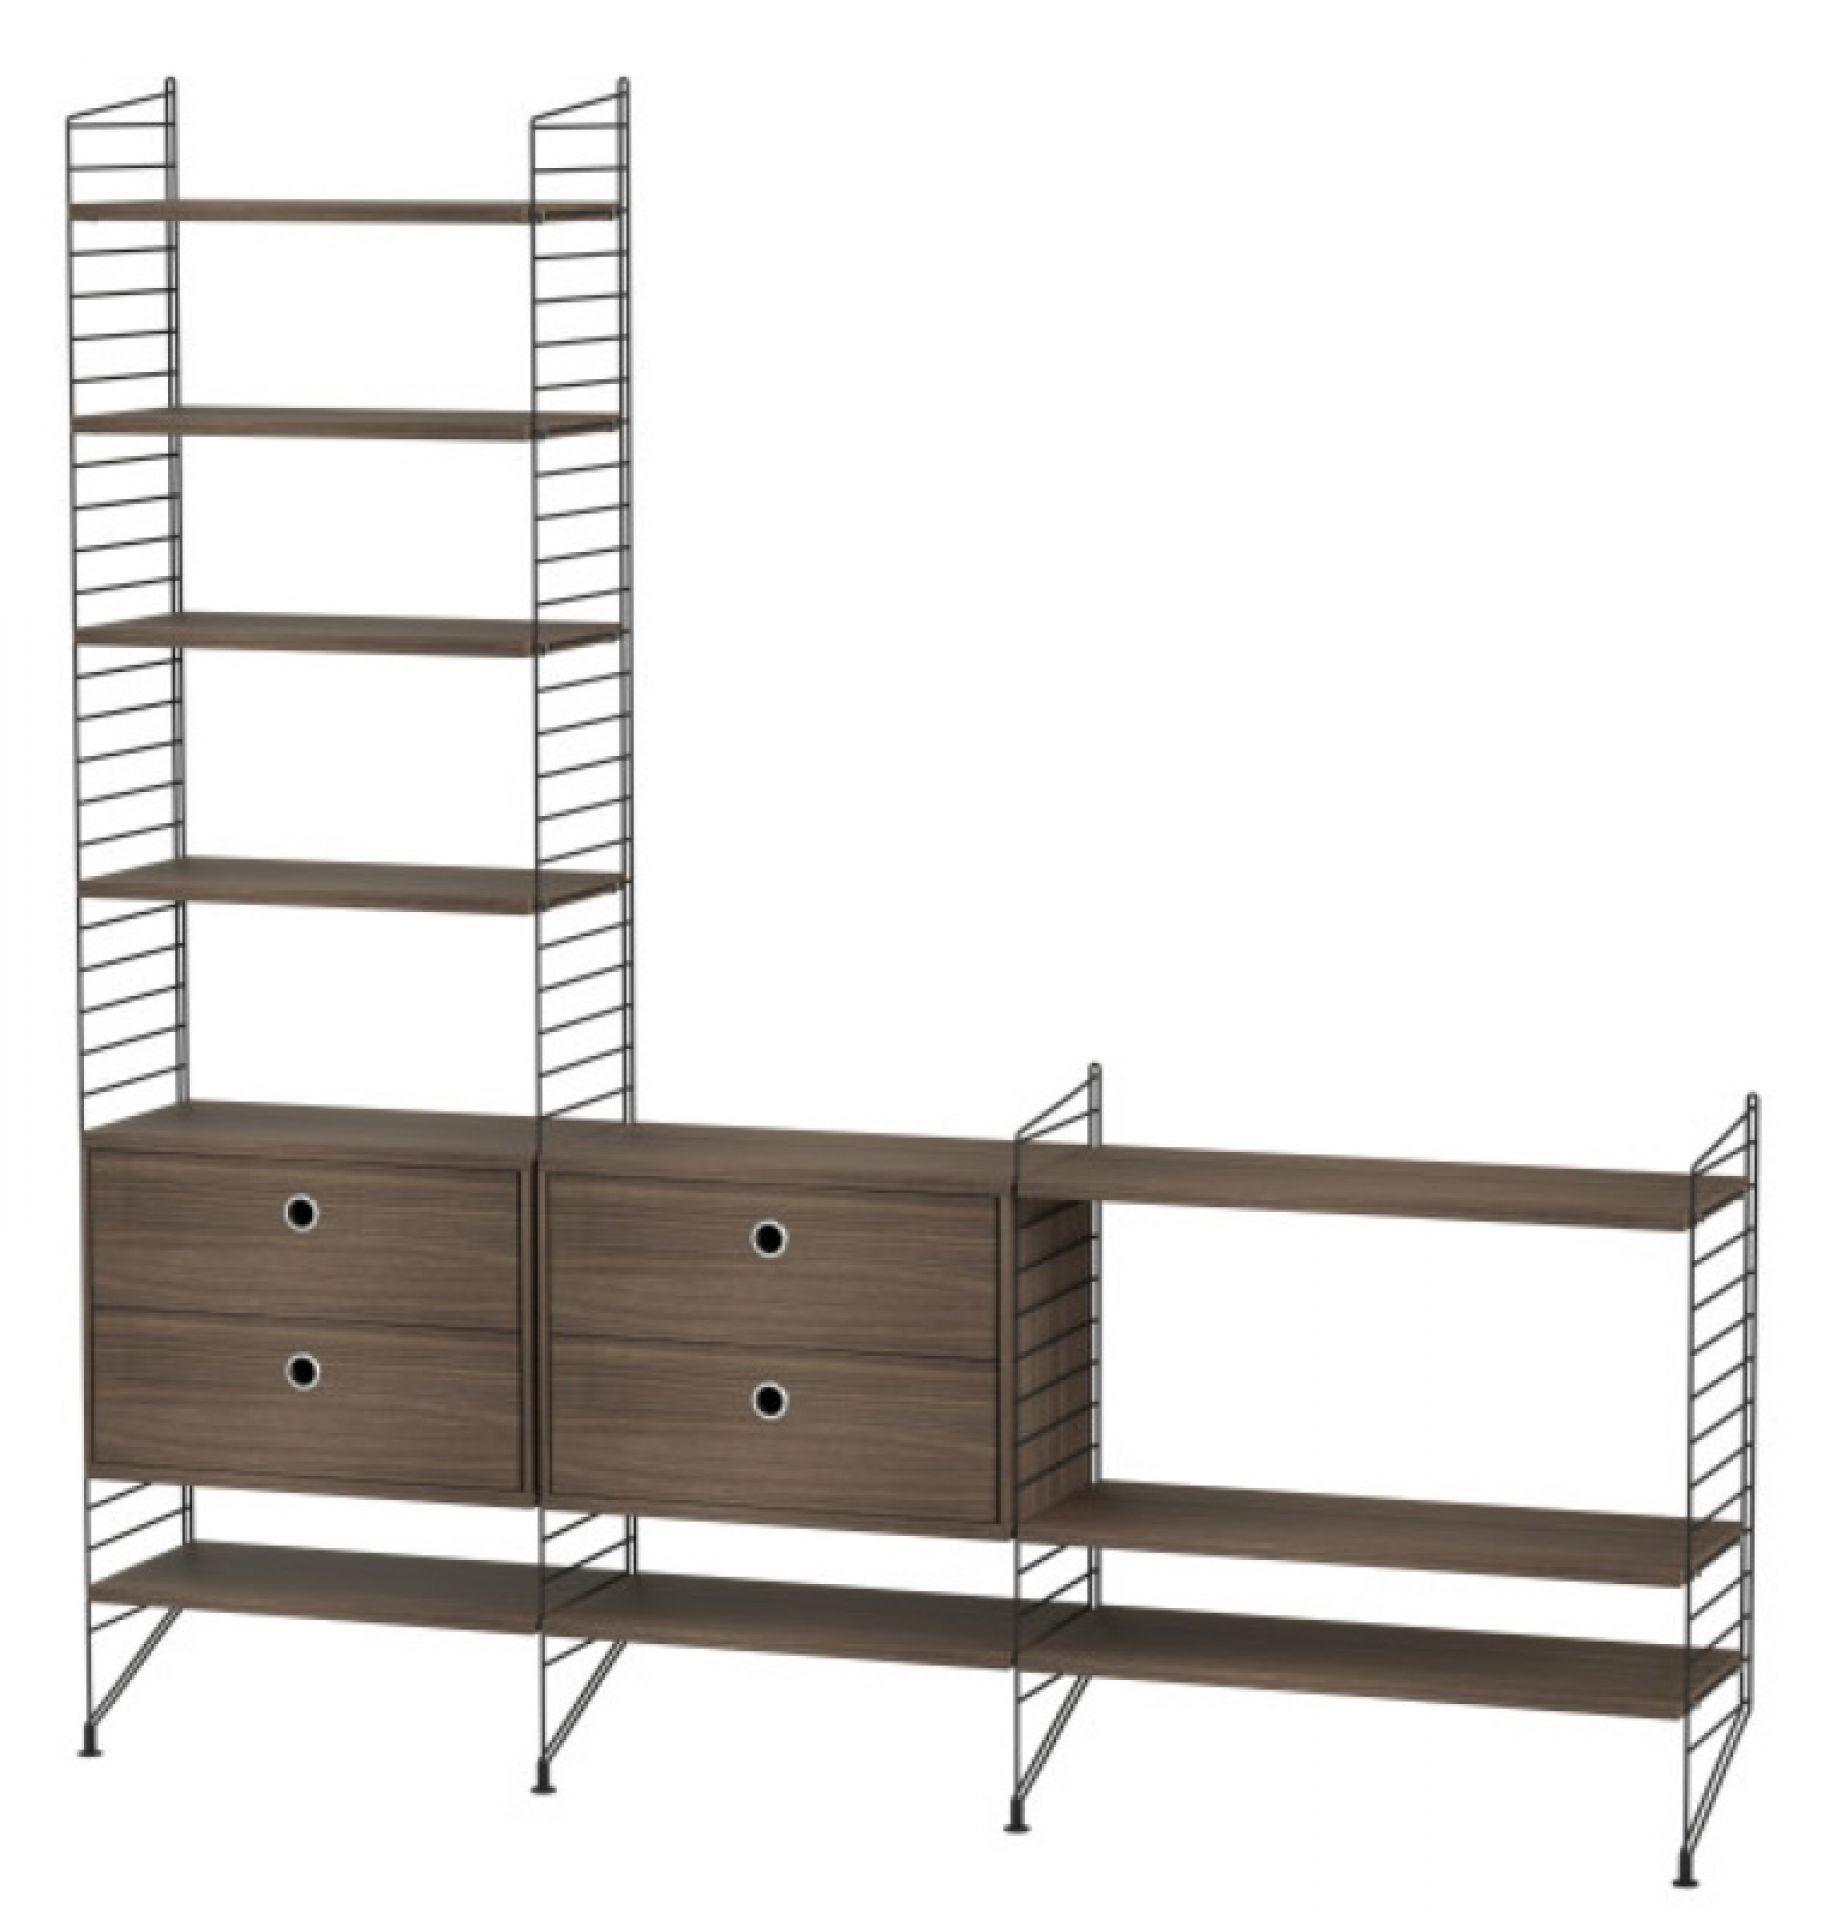 String Wohnzimmer Boden Regalsystem J String Furniture Walnuss - Schwarz